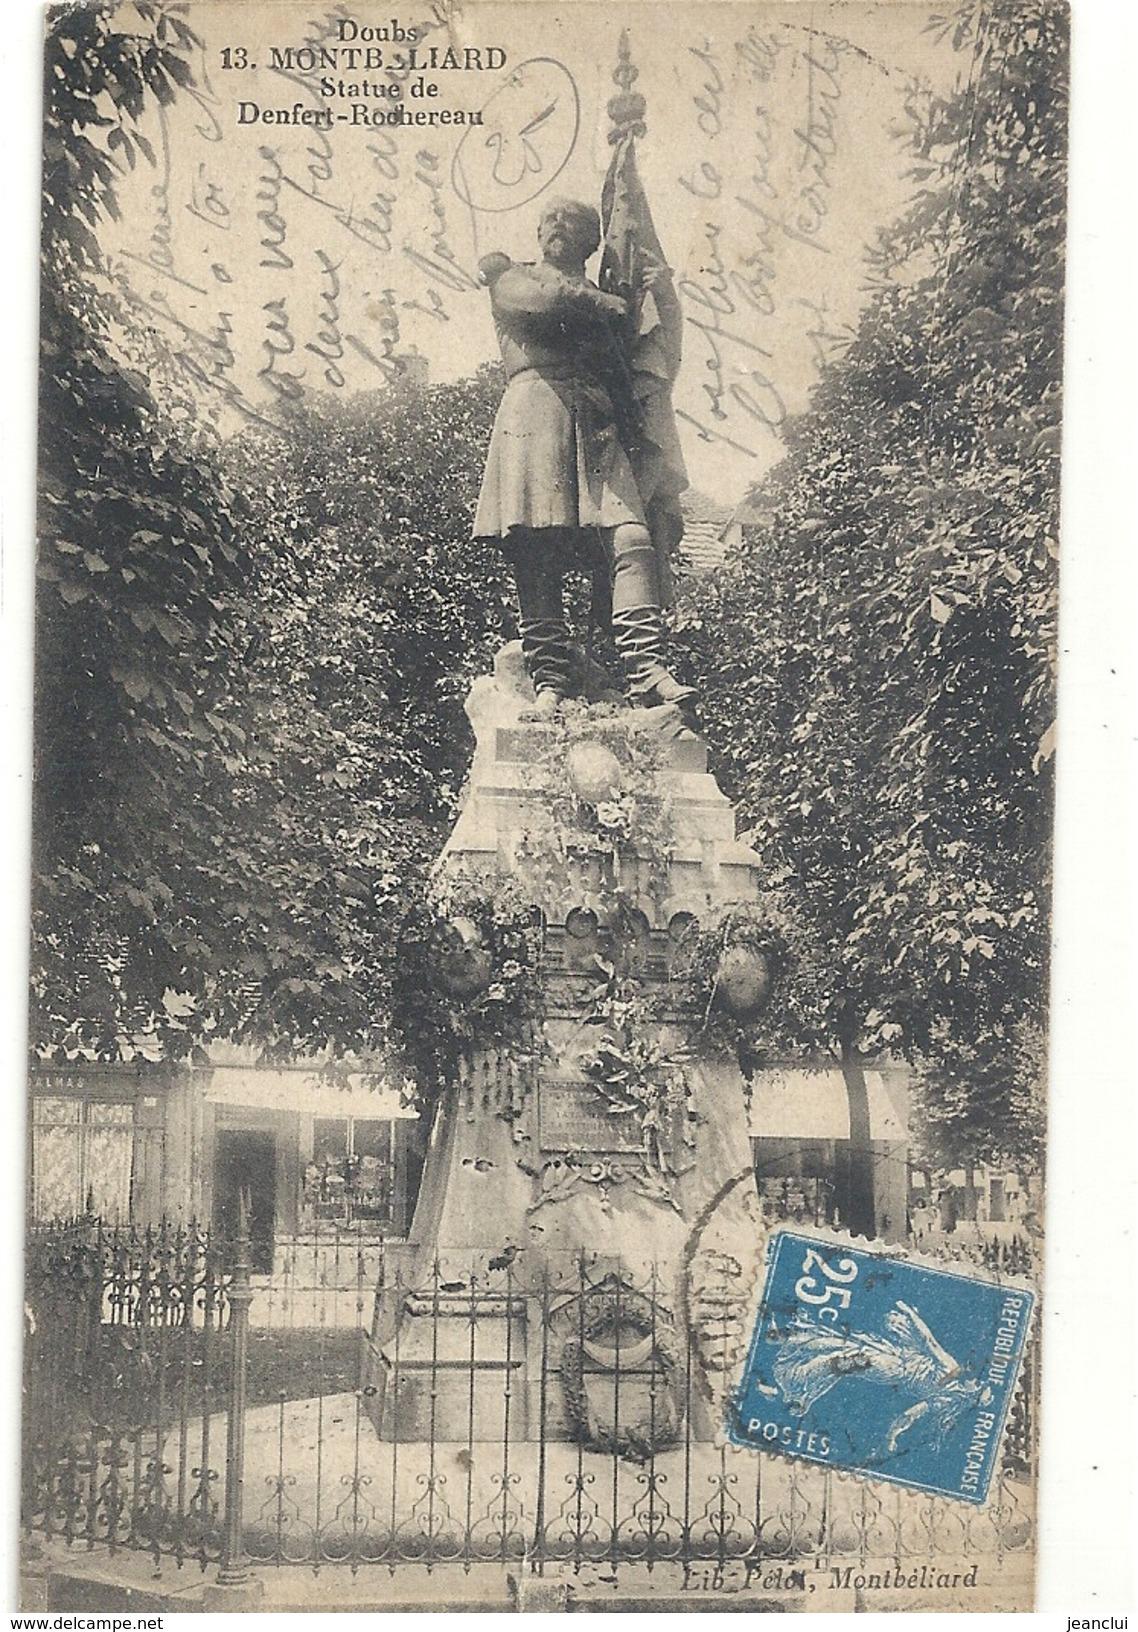 13. MONTBELIARD . STATUE DE DENFERT-ROCHEREAU . DECHIRURE DE 1 CM SUR LE BAS . VERSO TACHE . 2 SCANES - Montbéliard